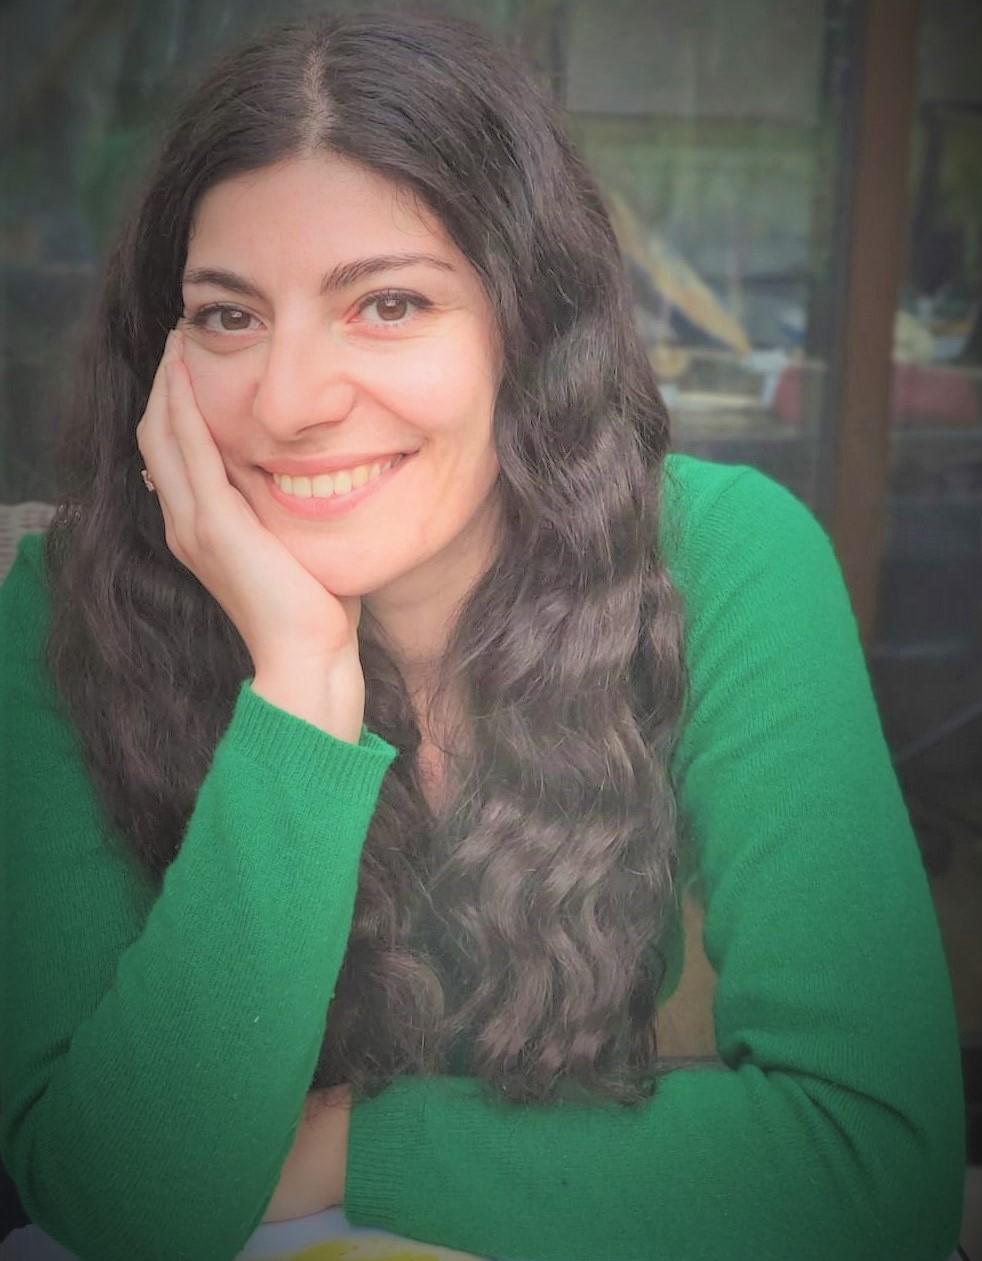 Saténik Shahazizyan